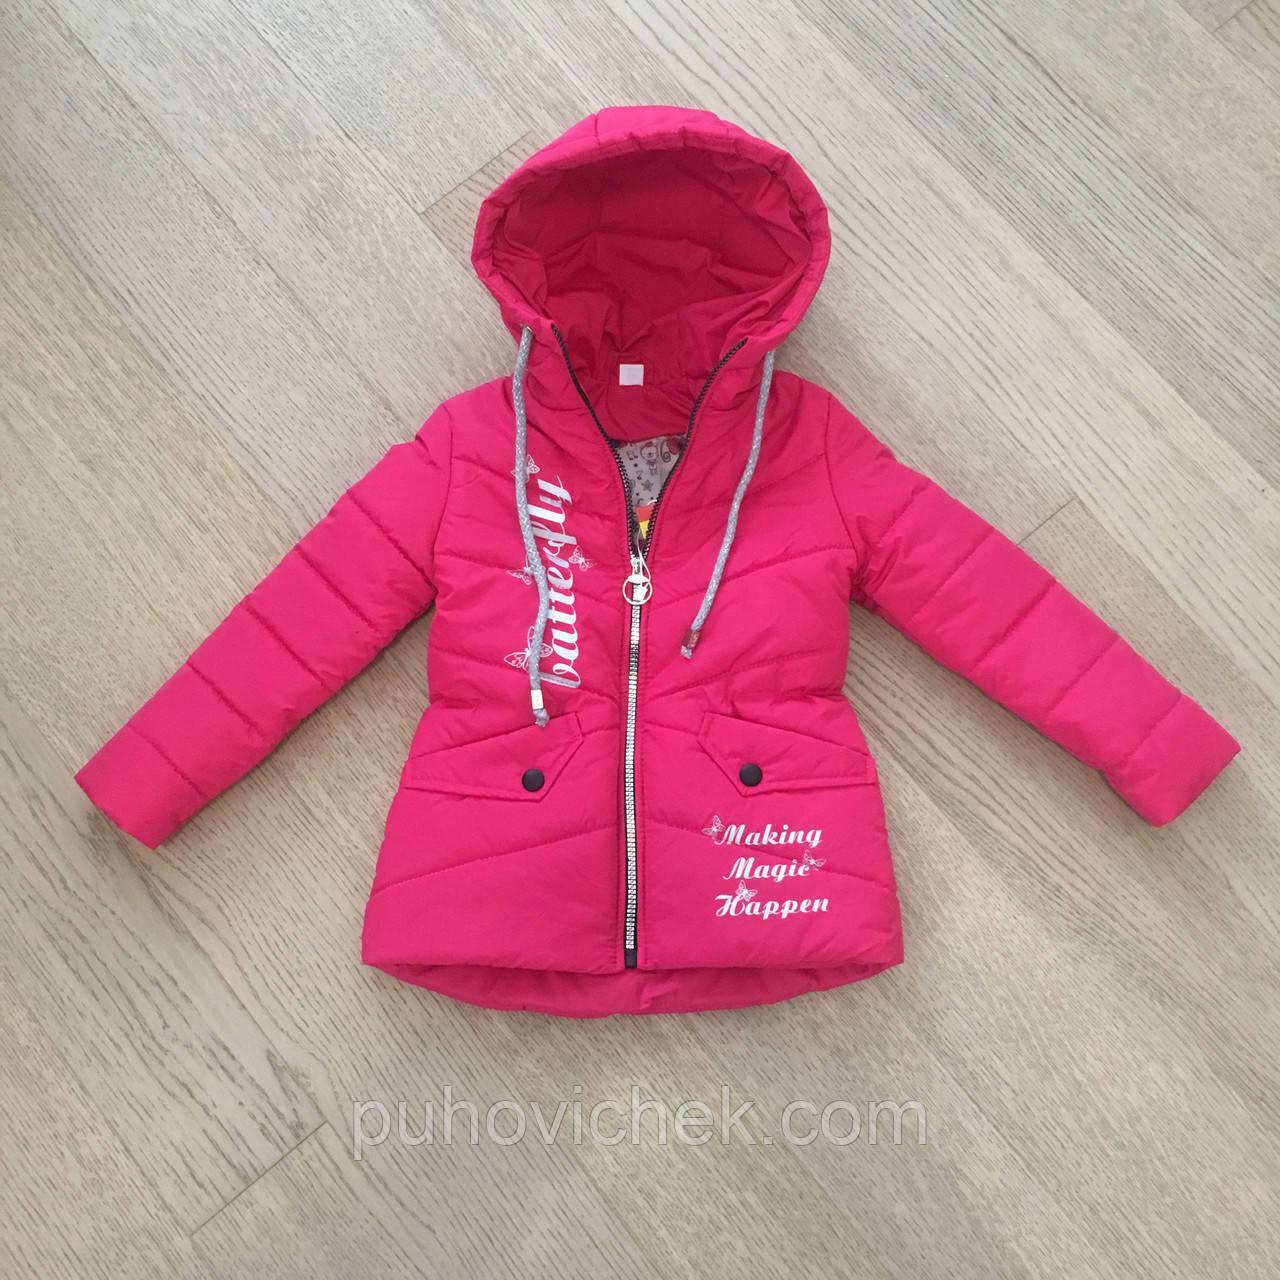 Яркие курточки детские для девочек демисезонные